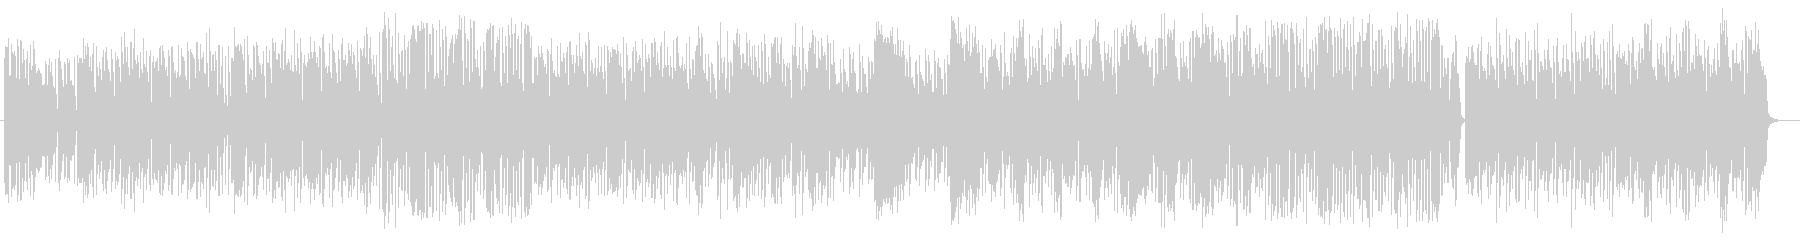 ポップでメルヘンなピアノポップスの未再生の波形